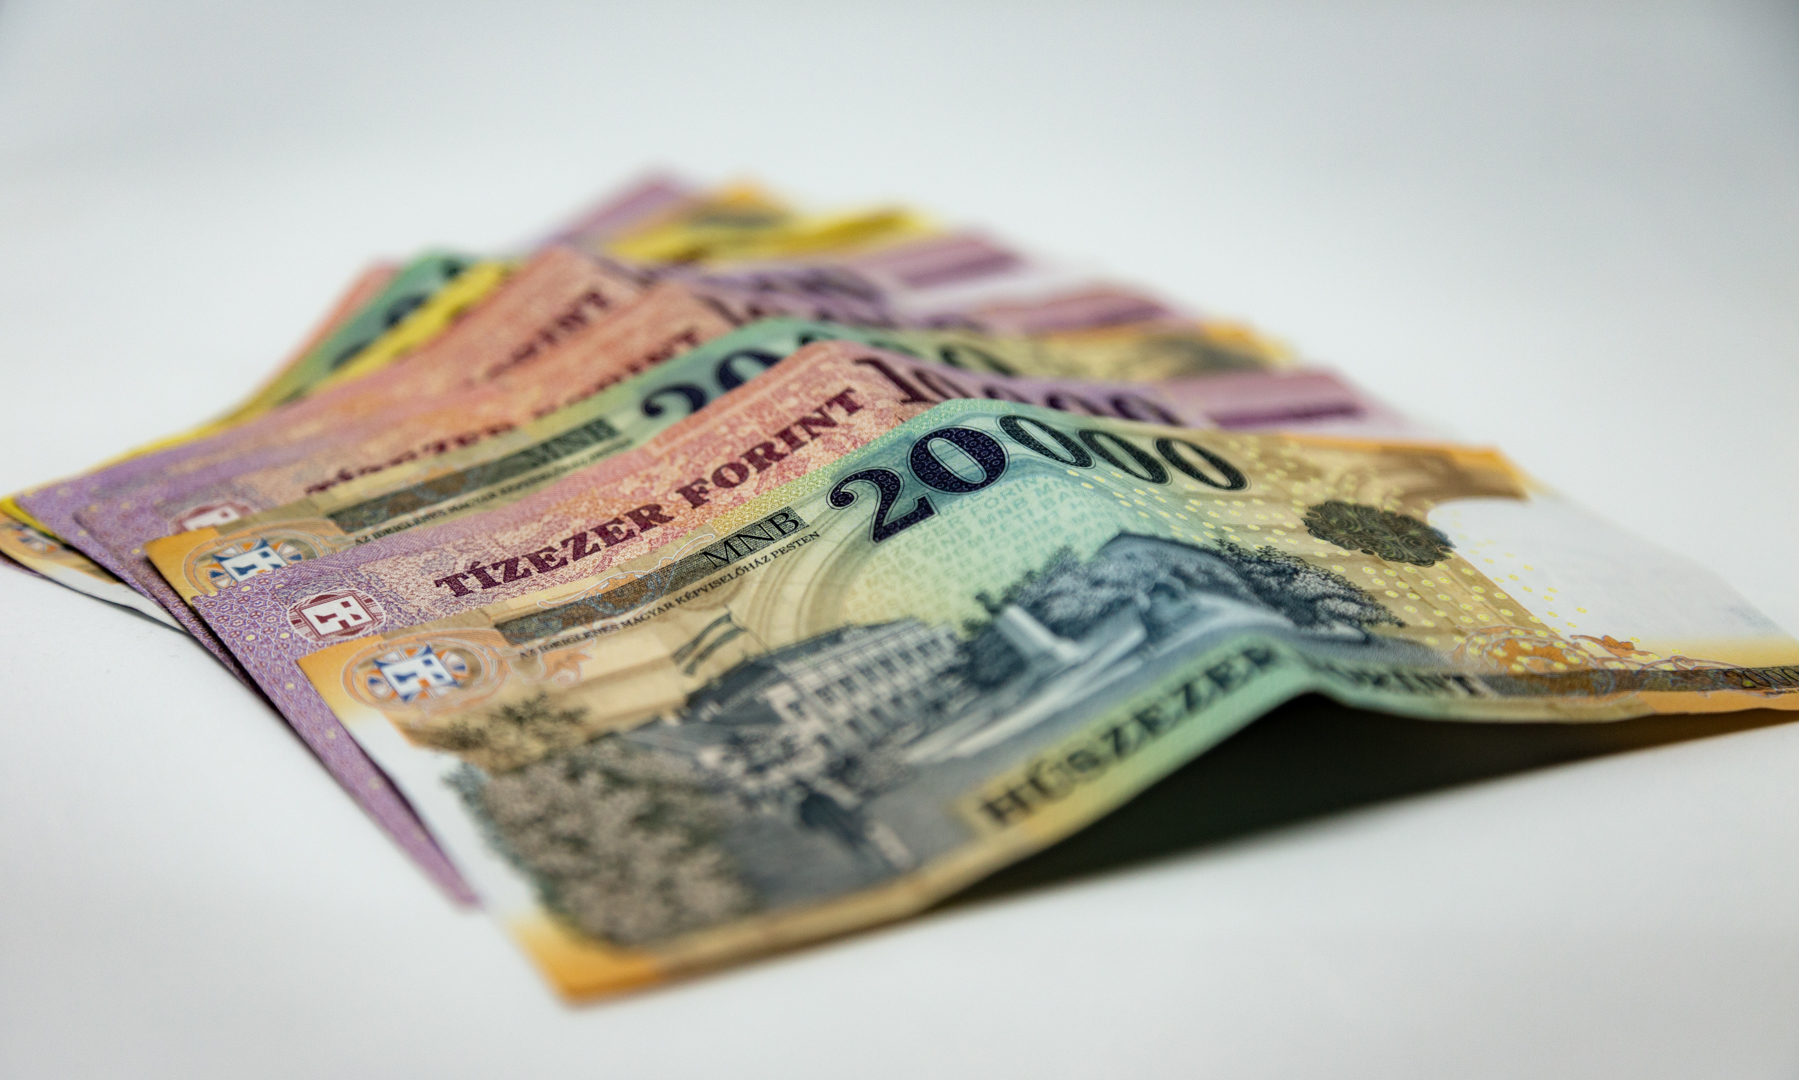 Akár 500 ezer forint is lehet az átlagfizetés jövőre a szakértő szerint